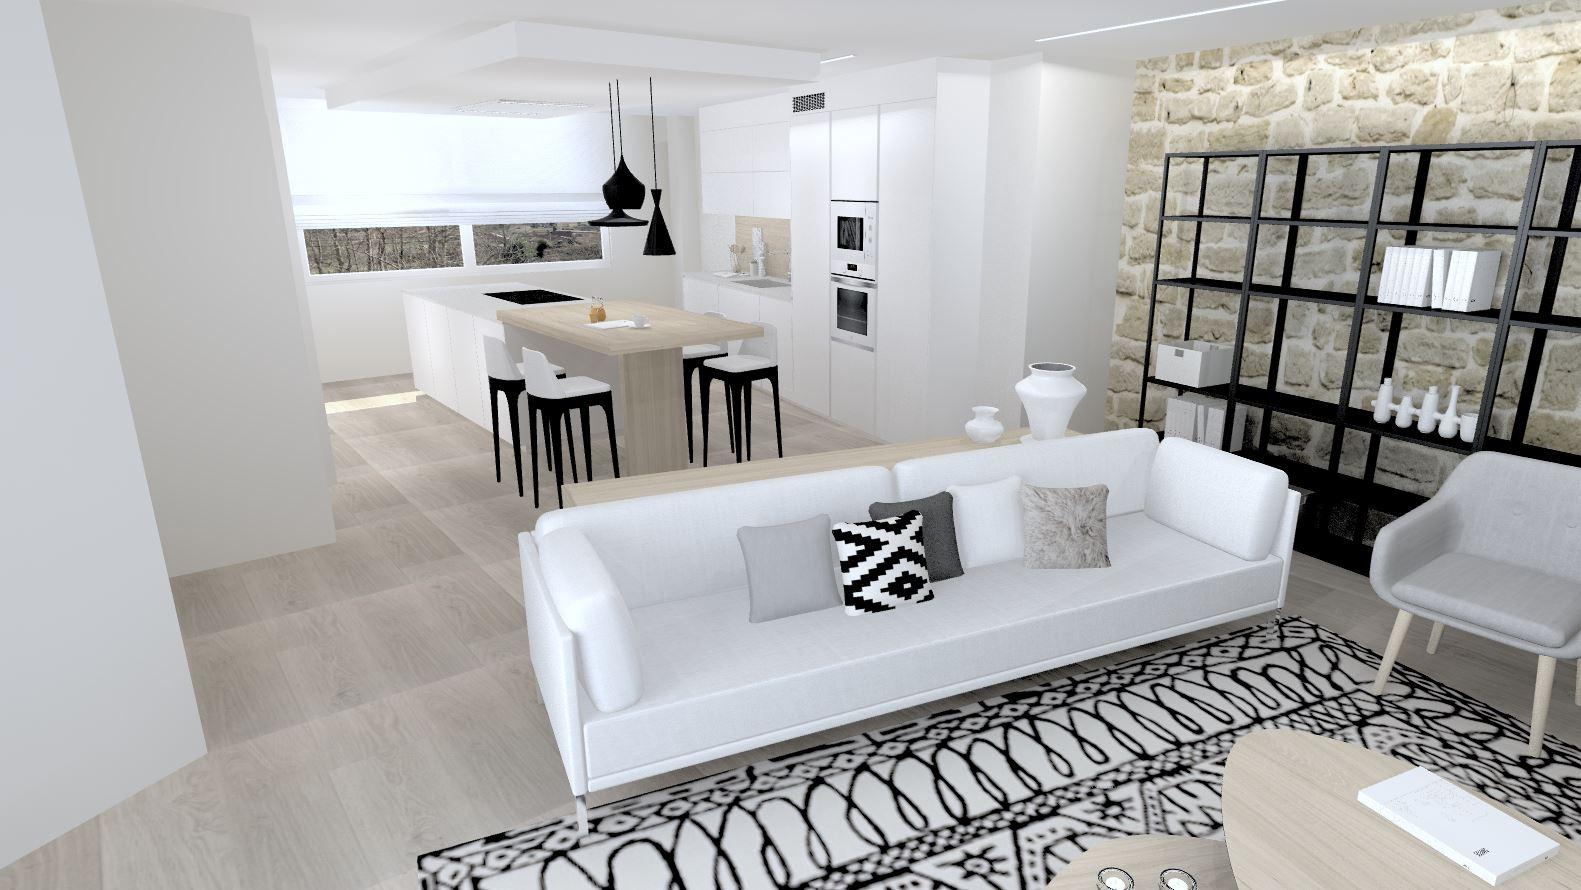 Cocina abierta al salón amplia y funcional Santiago Interiores